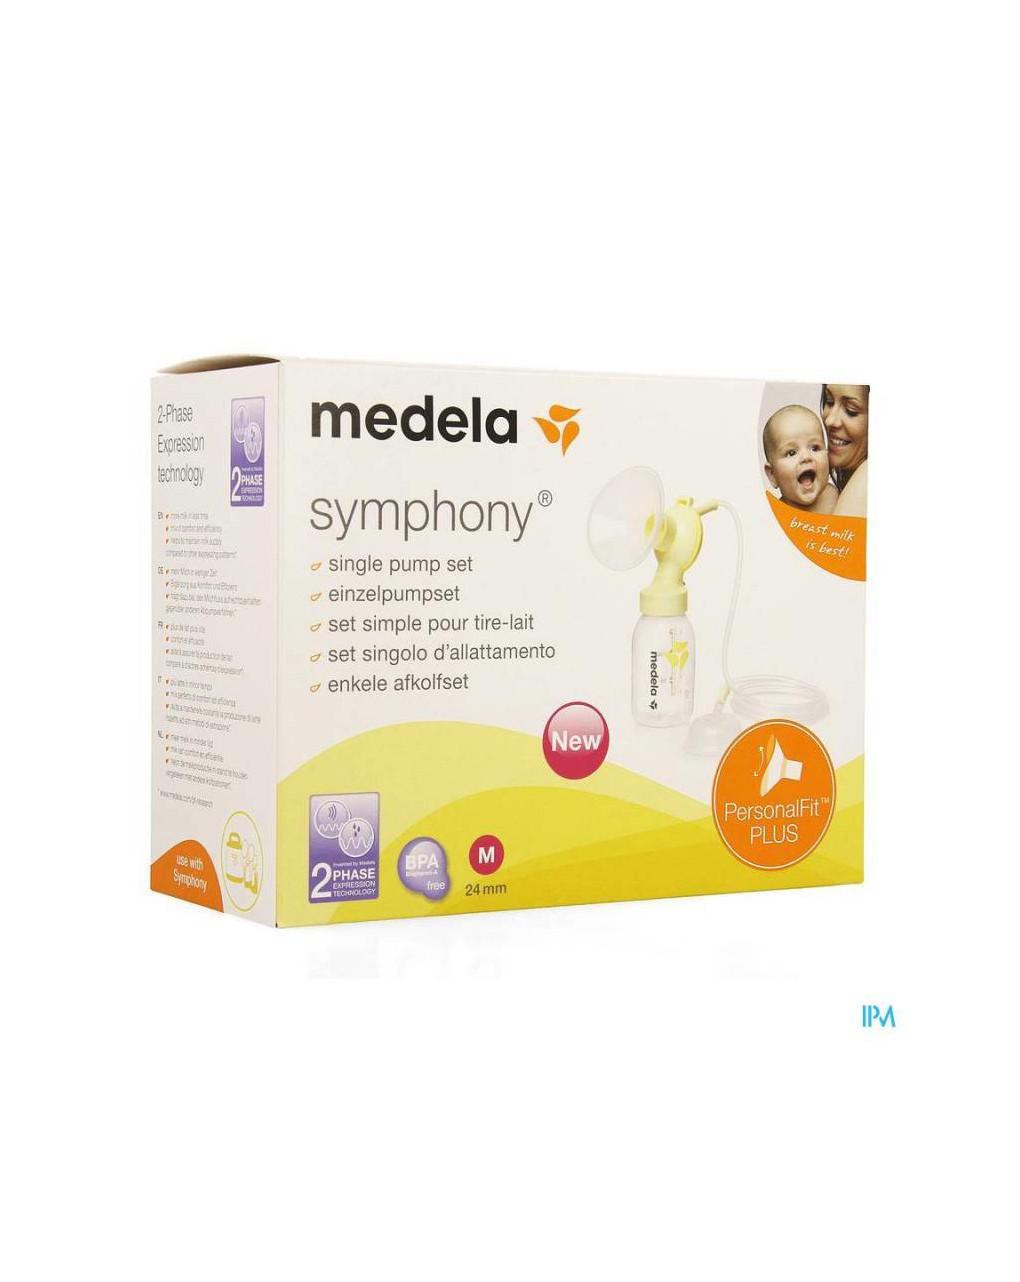 Set symphony singolo con personalfit plus (24 mm) - Medela